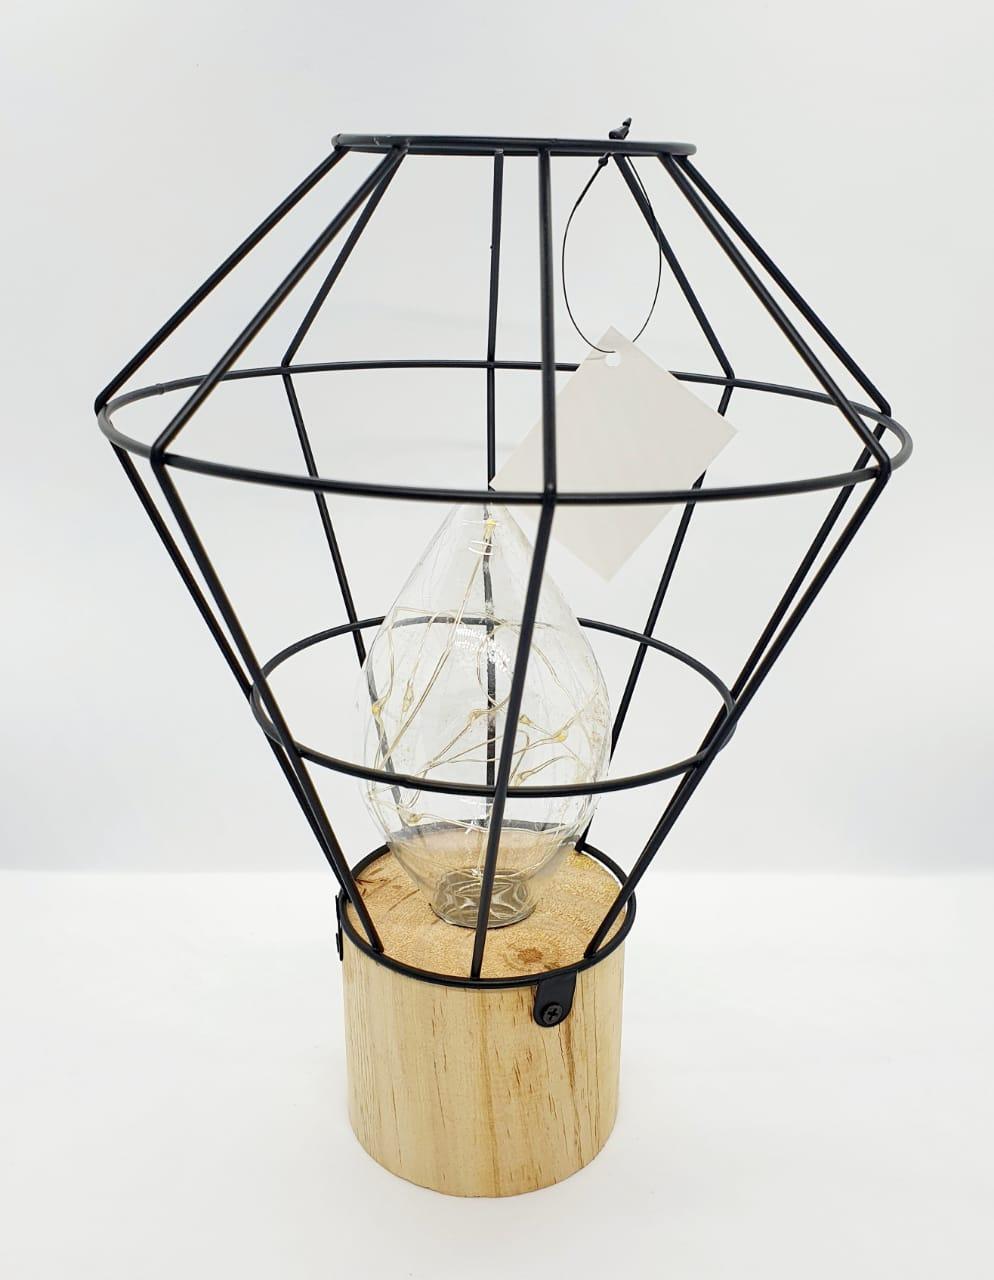 Luminária decorativa aramada preta em metal com madeira - forma geométrica